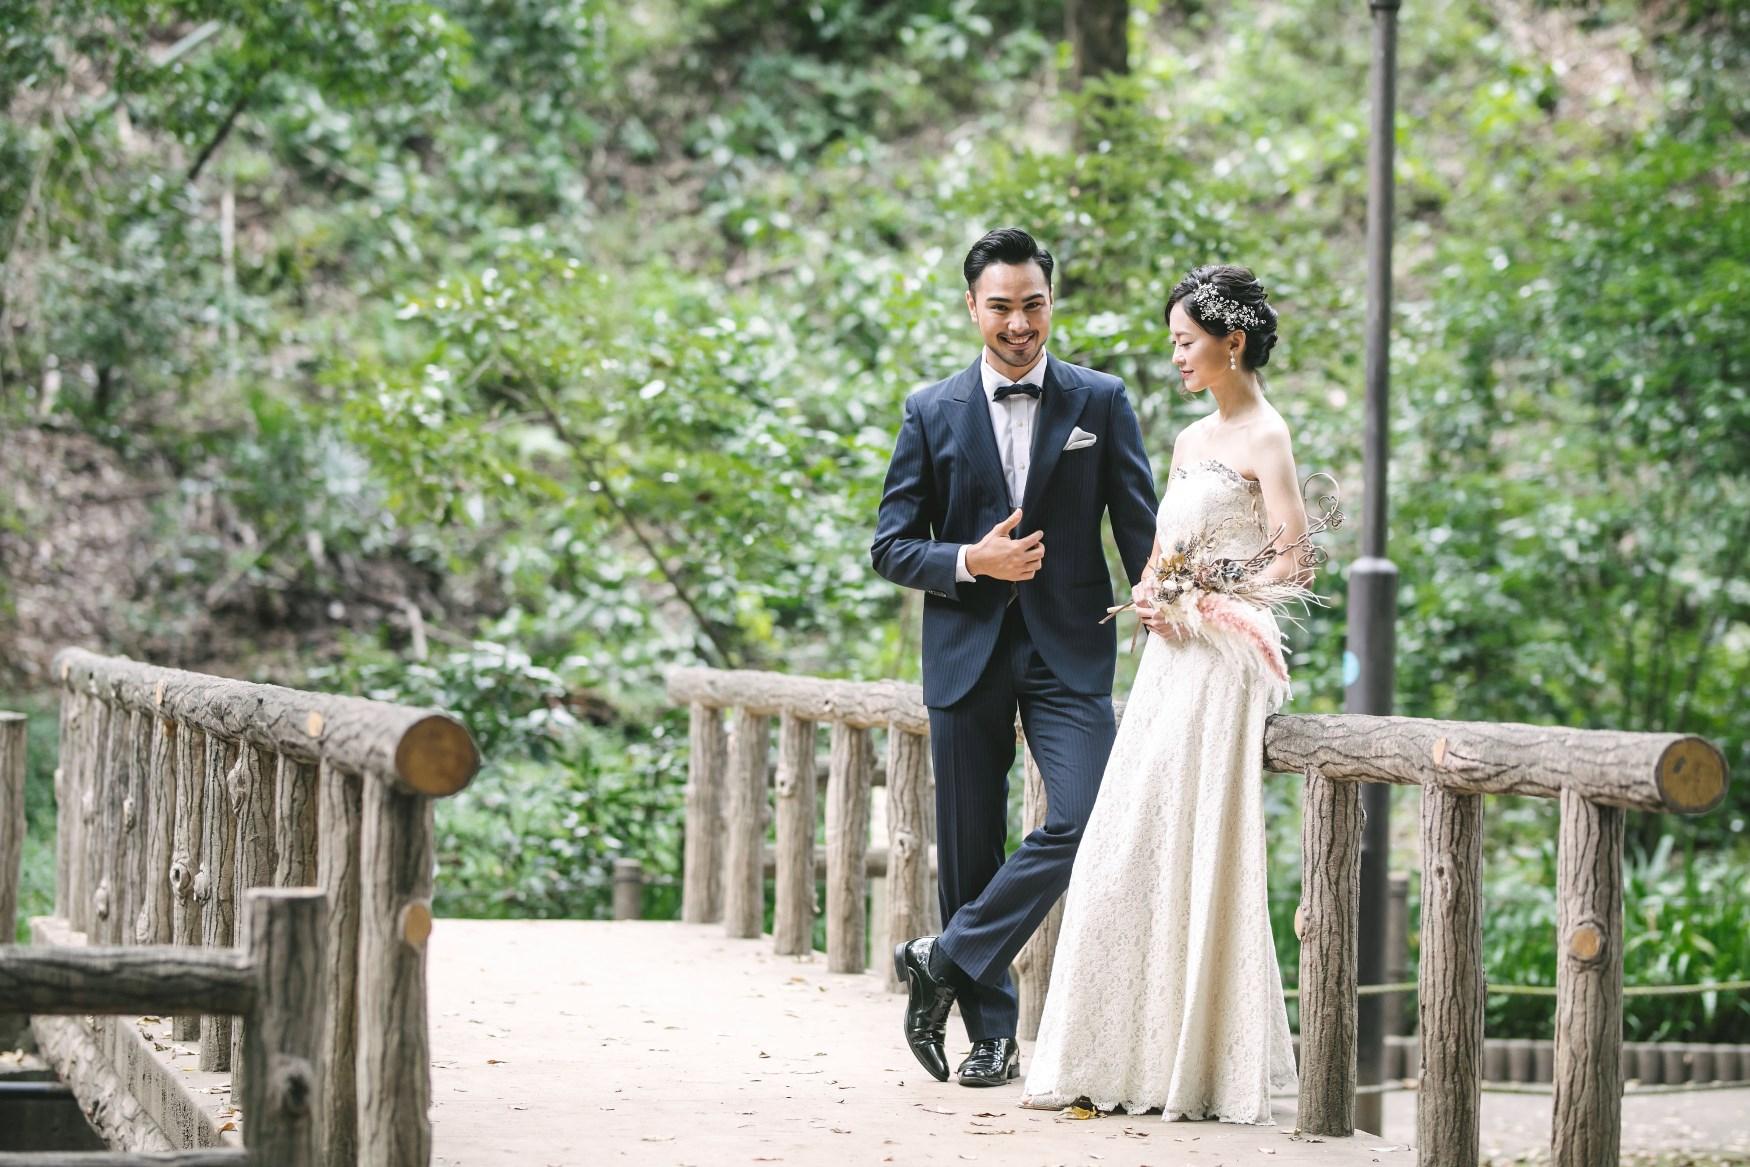 等々力渓谷でタキシードとウェディングドレスを着て撮影中の新郎新婦